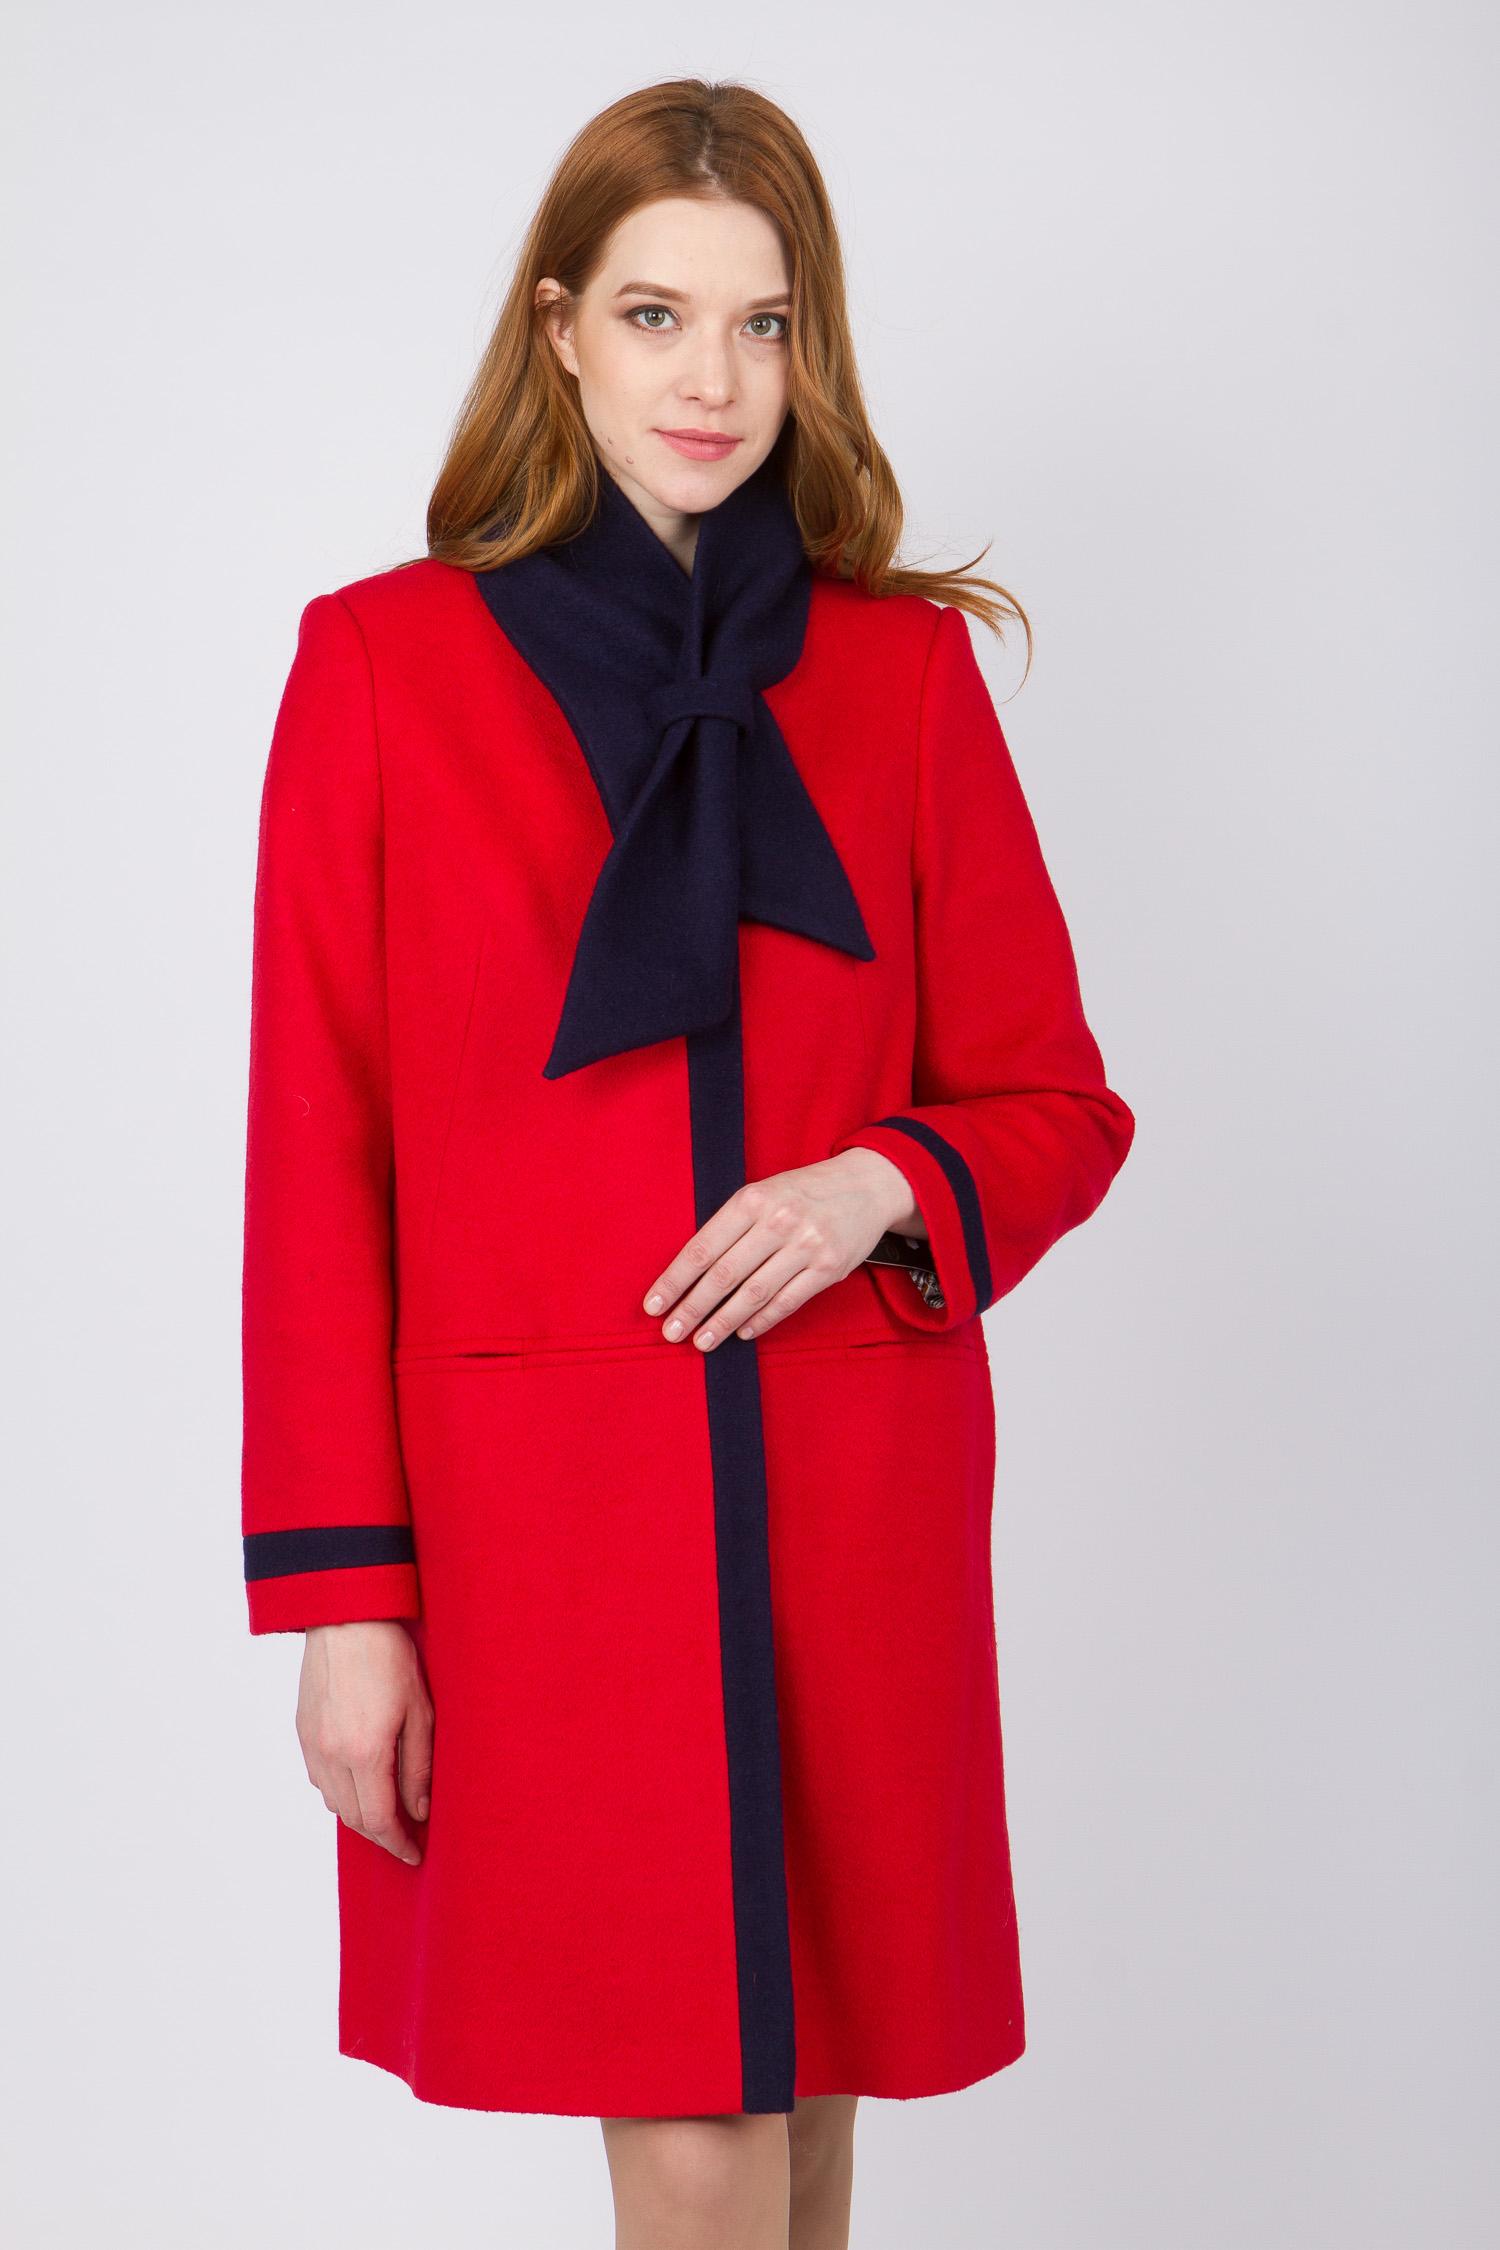 Женское пальто без воротника, без отделки<br><br>Воротник: без воротника<br>Длина см: Длинная (свыше 90)<br>Материал: Комбинированный состав<br>Цвет: красный<br>Вид застежки: потайная<br>Застежка: на пуговицы<br>Пол: Женский<br>Размер RU: 48